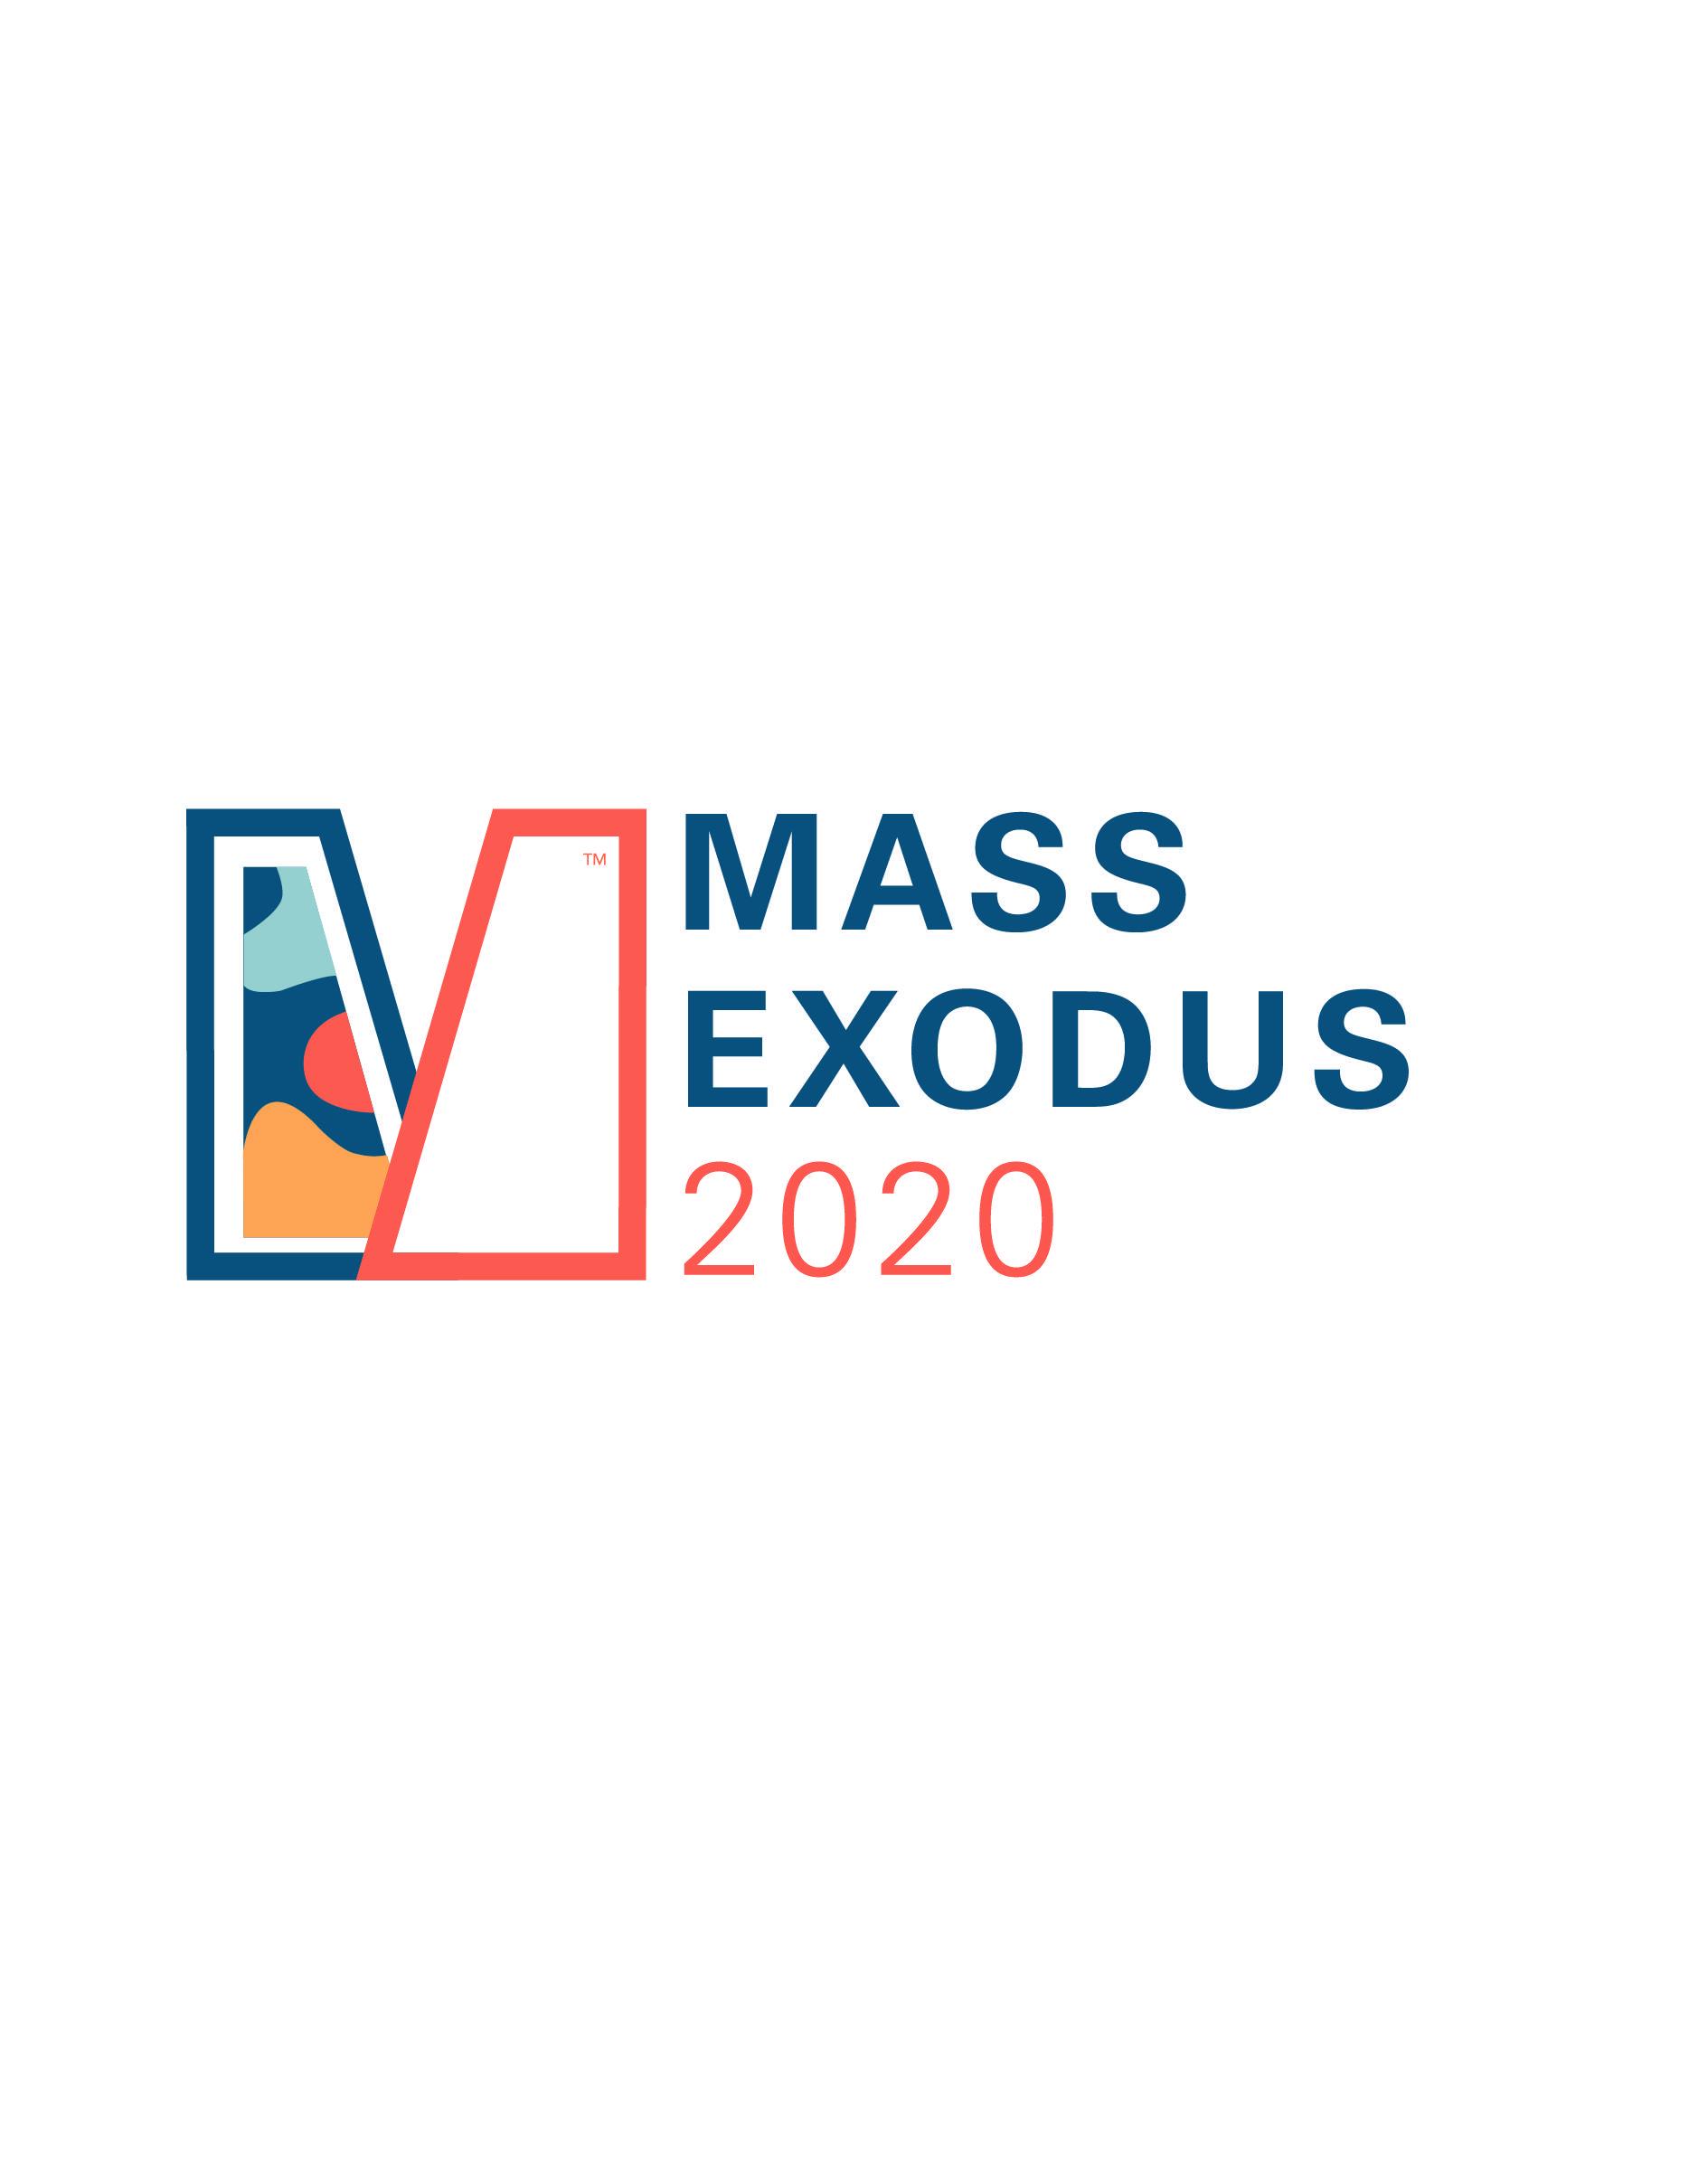 Mass Exodus 2020